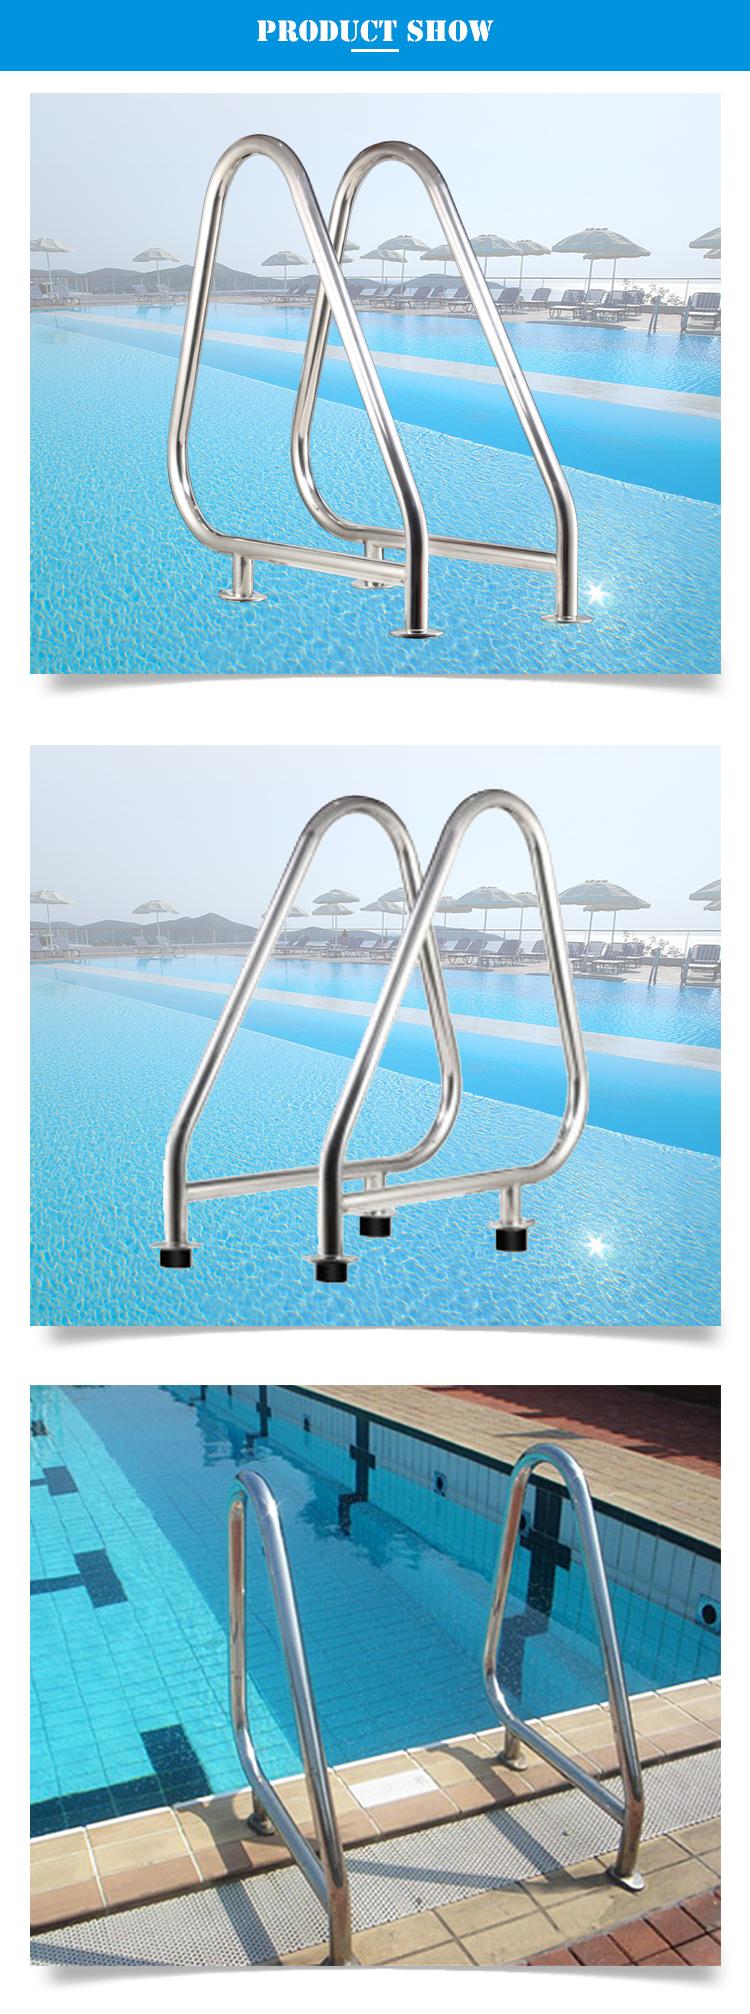 Kommerziellen Edelstahl Pool Handlauf Schwimmen Pool Ausrüstung